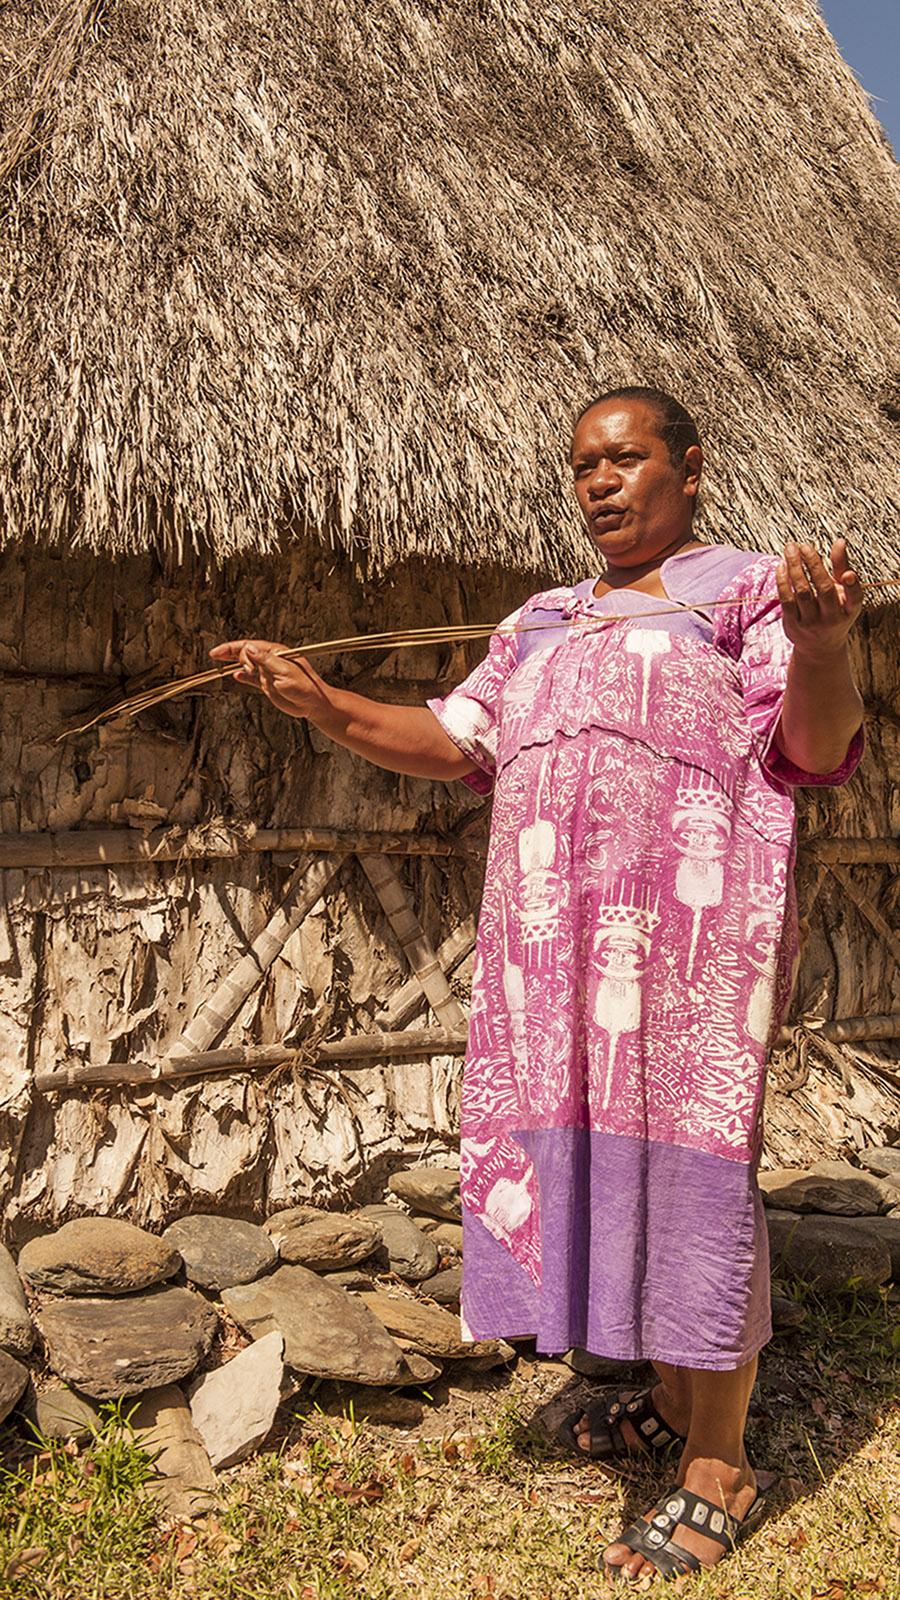 Neukaledonien: Im Tjibaou-Kulturzentrum von Nouméa präsentieren indigene Führer die Kultur der Kanaken. Foto: Hilke Maunder